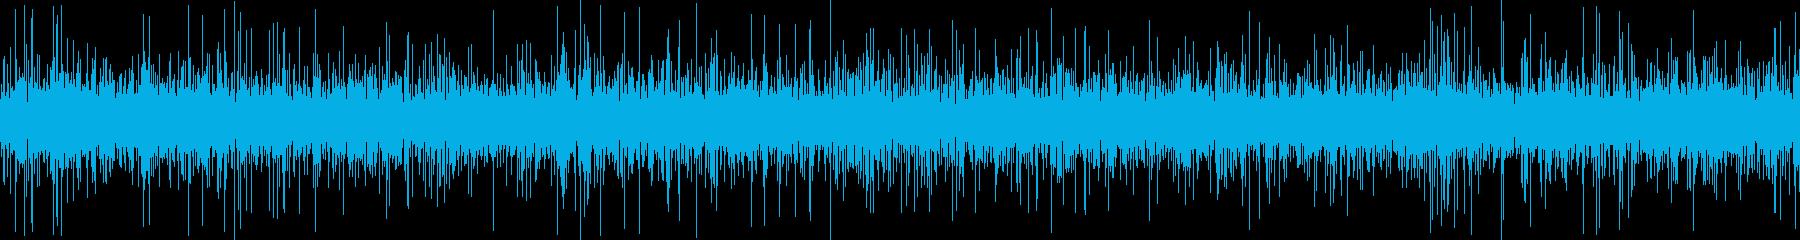 さらさらと川の流れる音の再生済みの波形